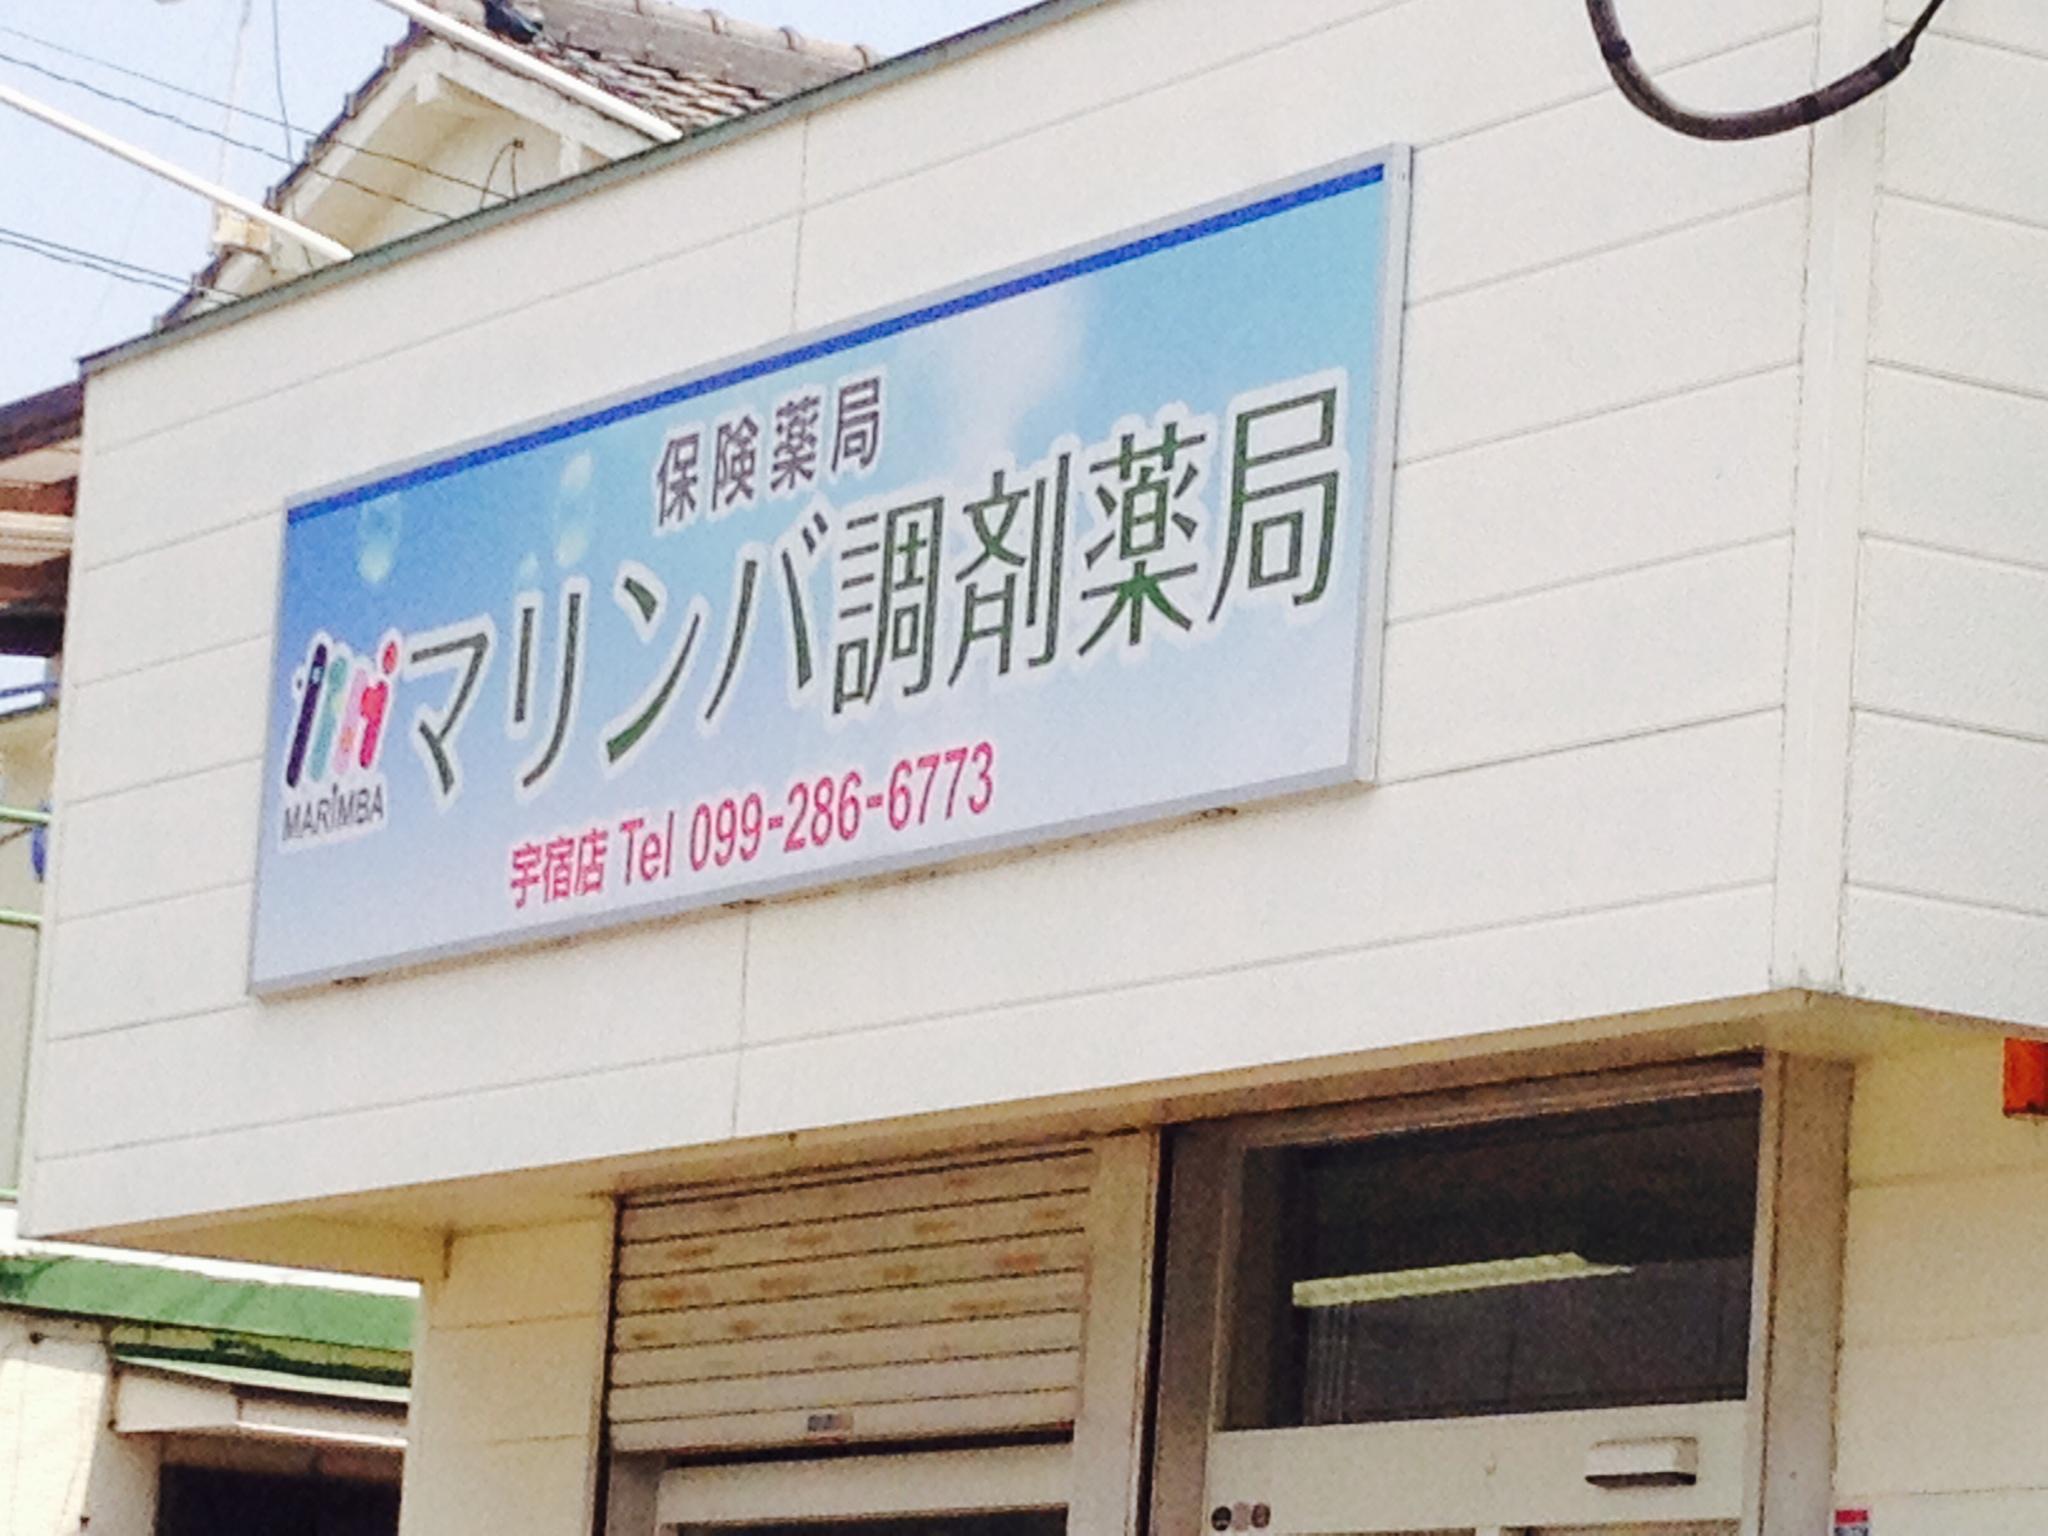 マリンバ調剤薬局宇宿店の看板